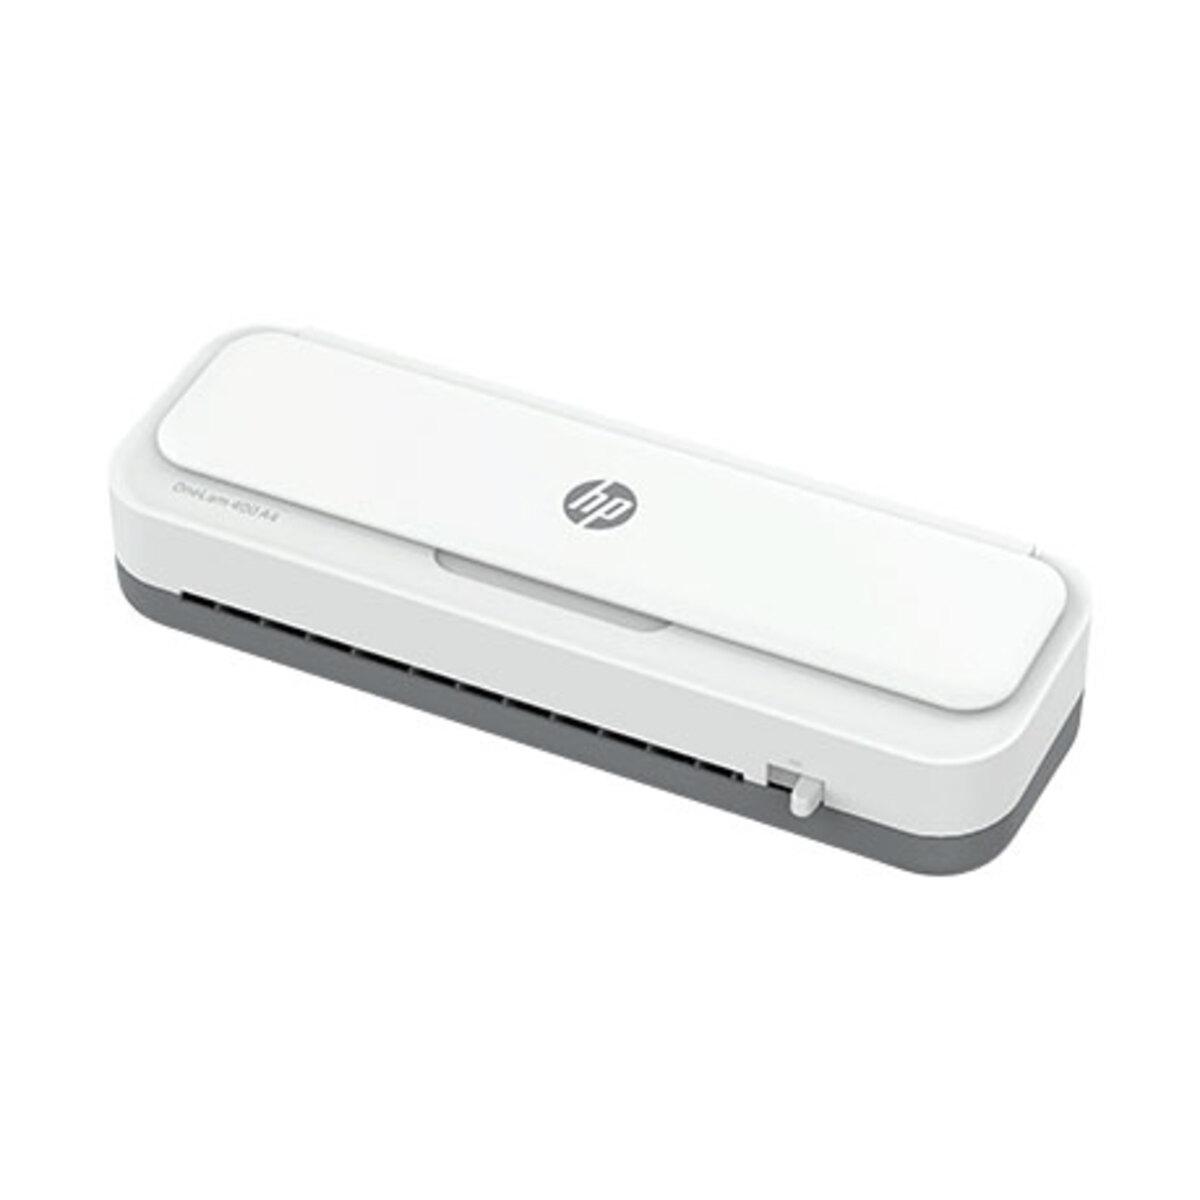 Bild 3 von HP Laminiergerät OneLam A4